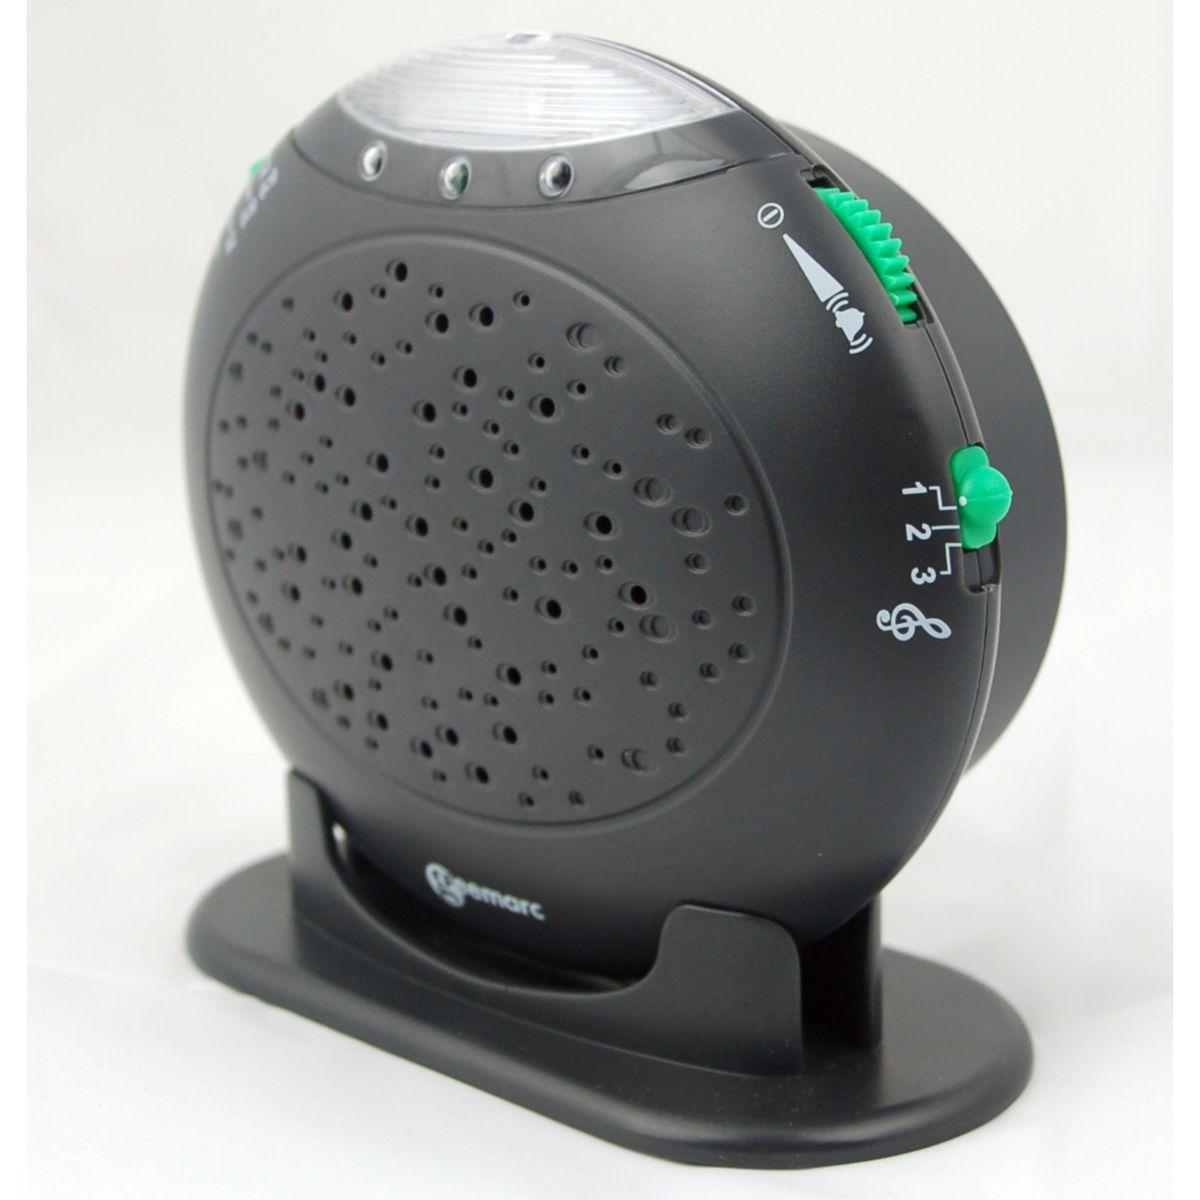 Accessoire aide auditive geemarc amplicall 10 noir - 2% de remise imm�diate avec le code : automne2 (photo)